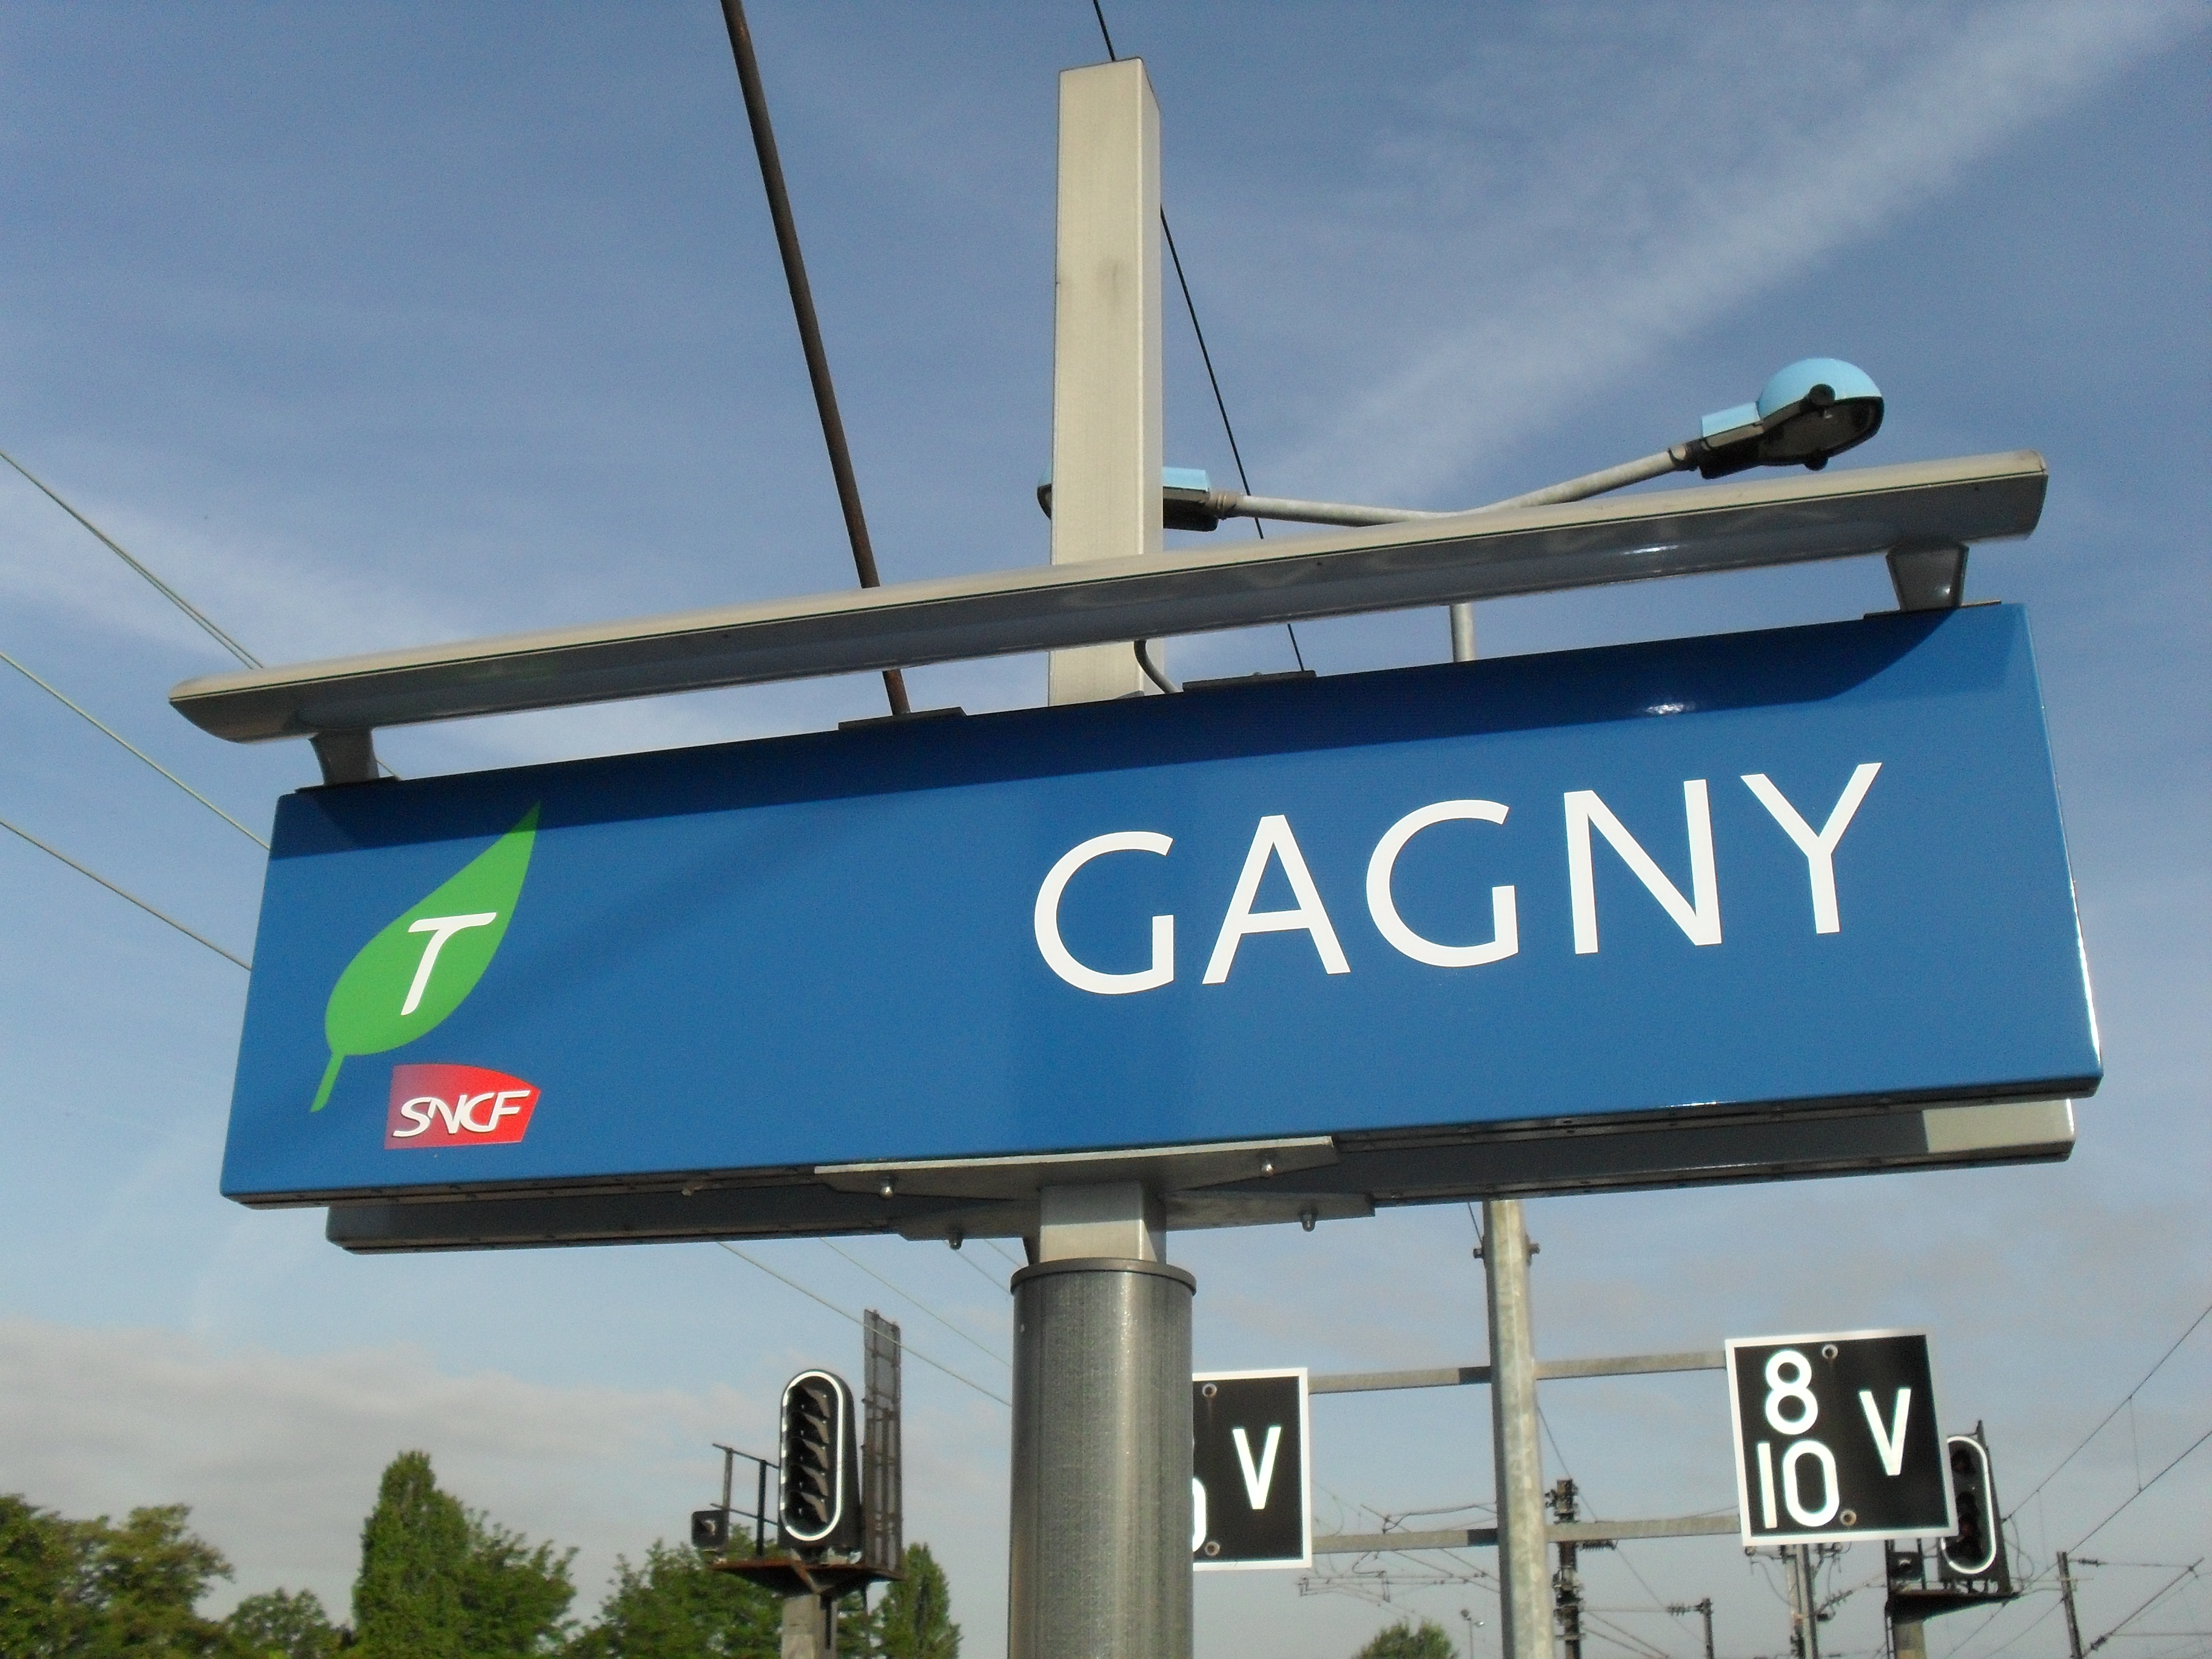 RER_E_-_Gare_Gagny_93